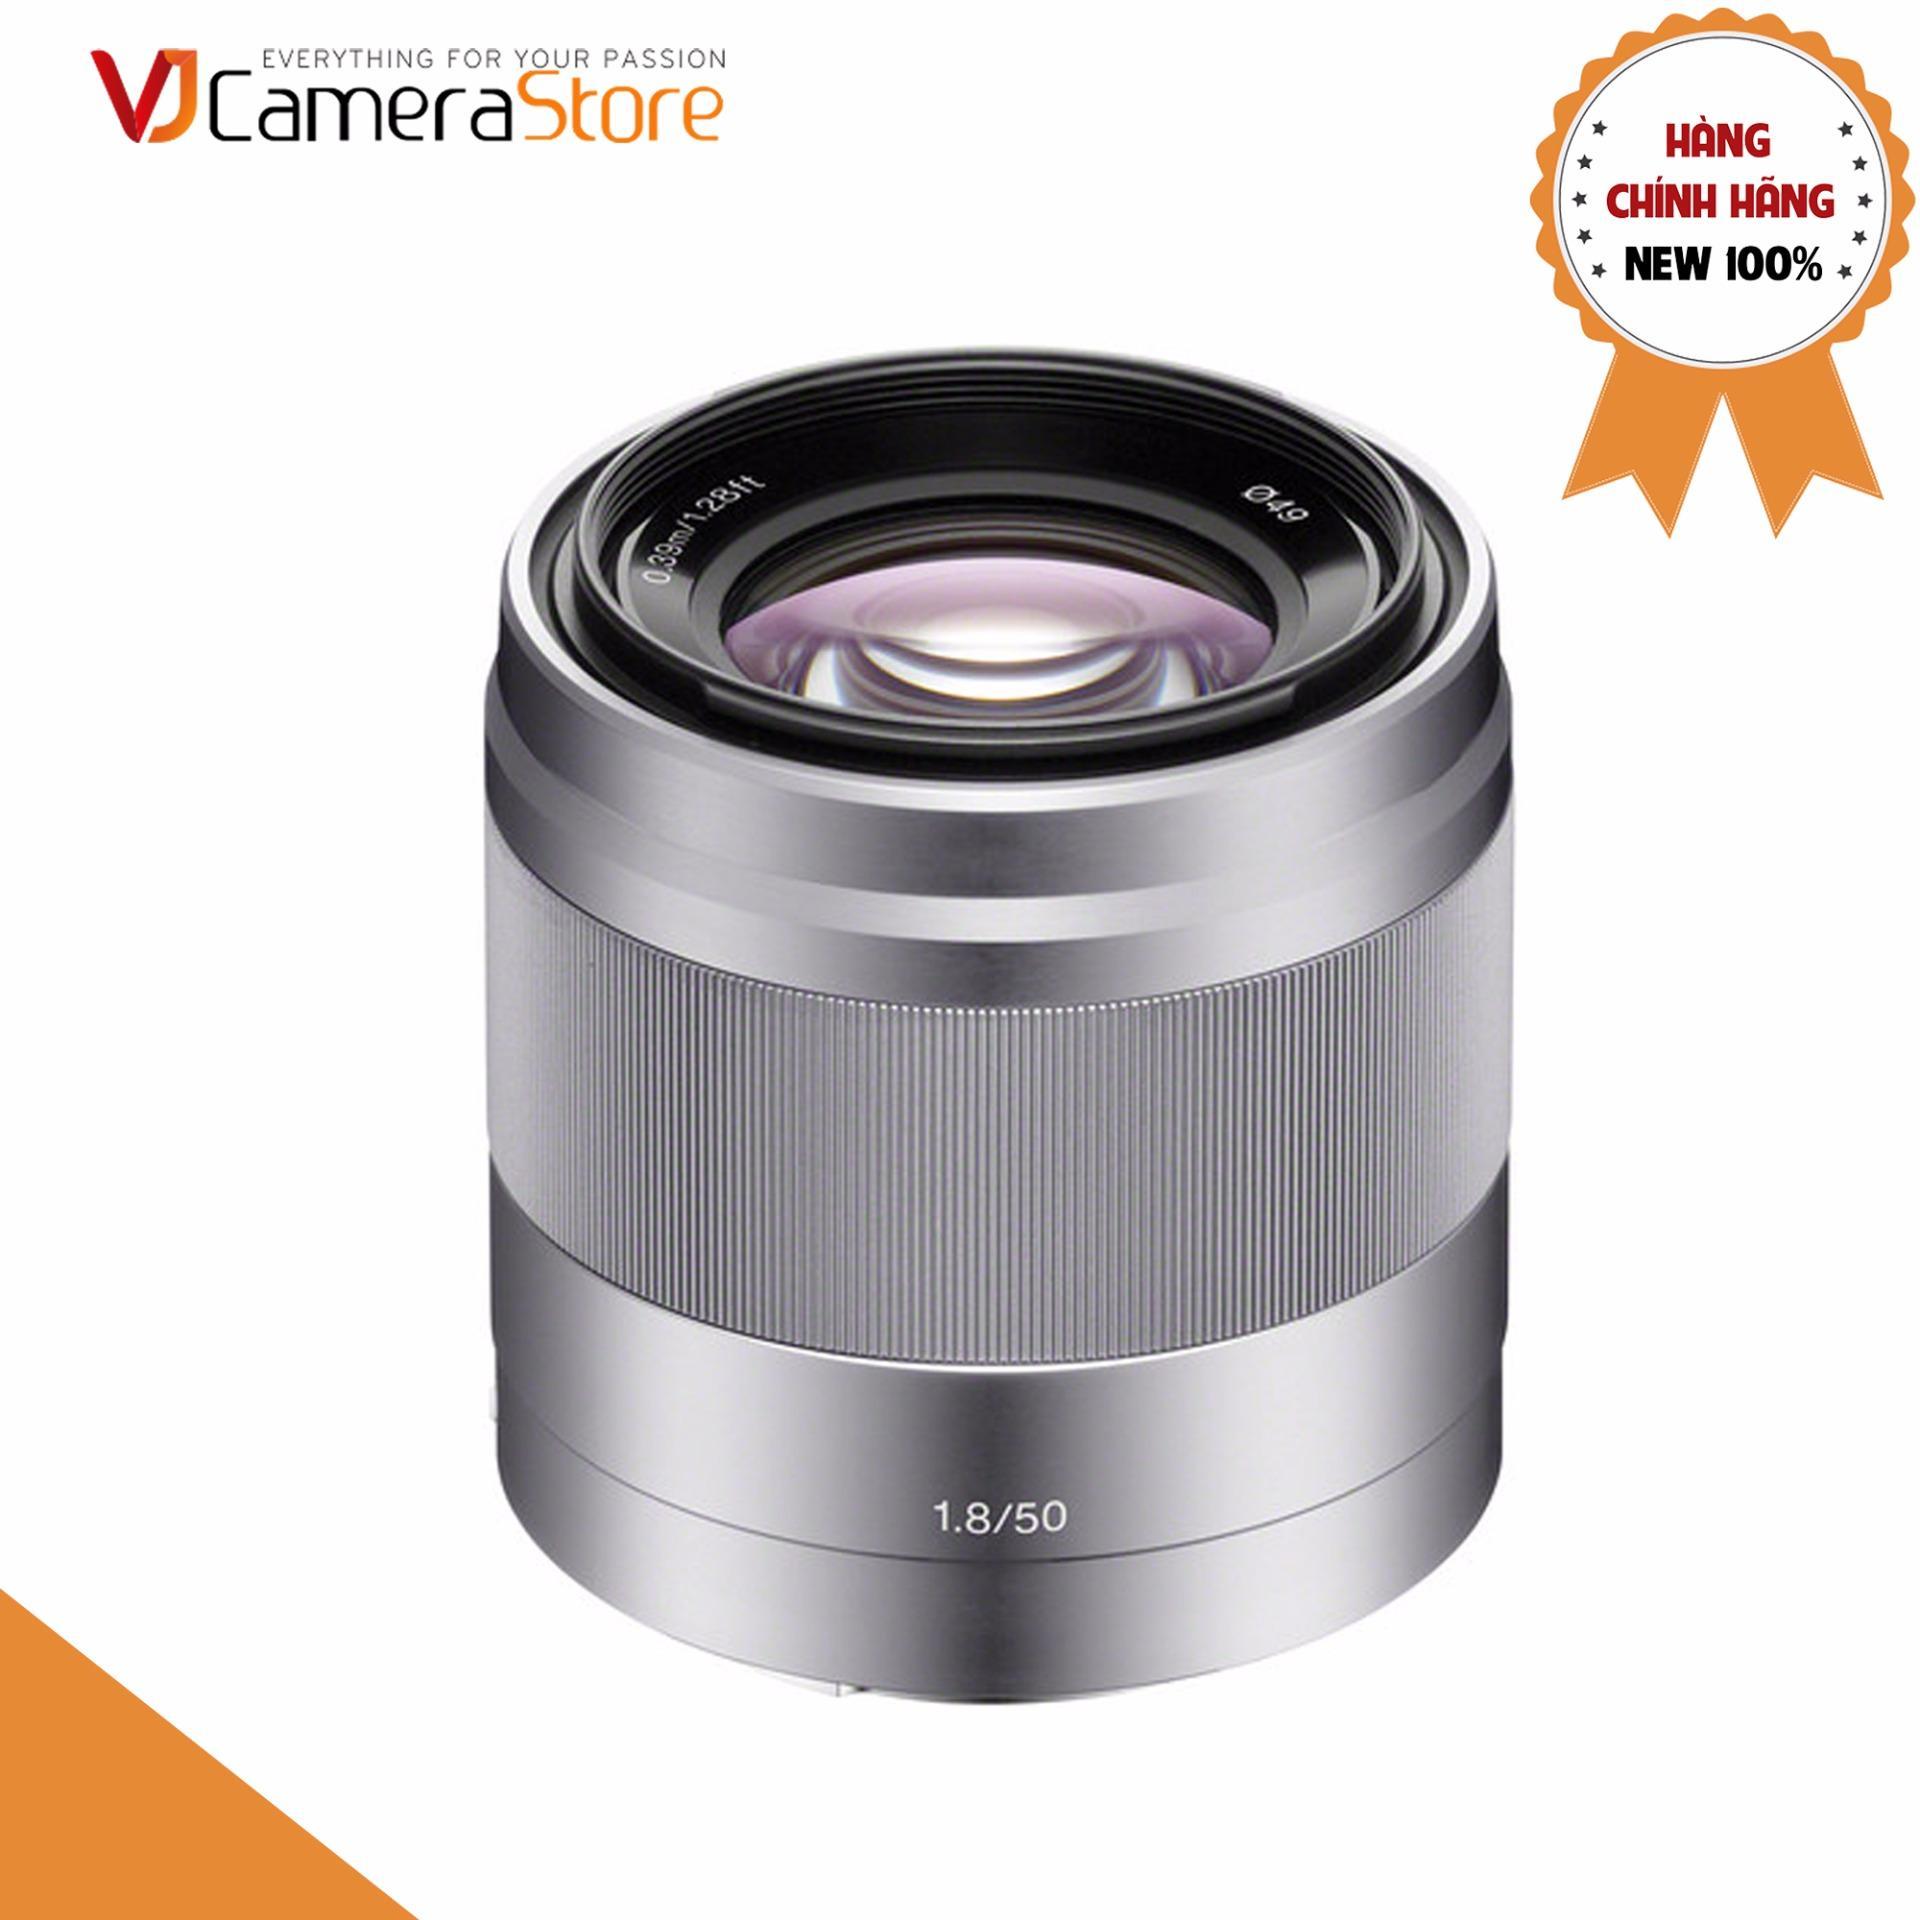 Ống kính Sony E 50mm f/1.8 OSS (SEL50F18) – Hãng phân phối chính thức